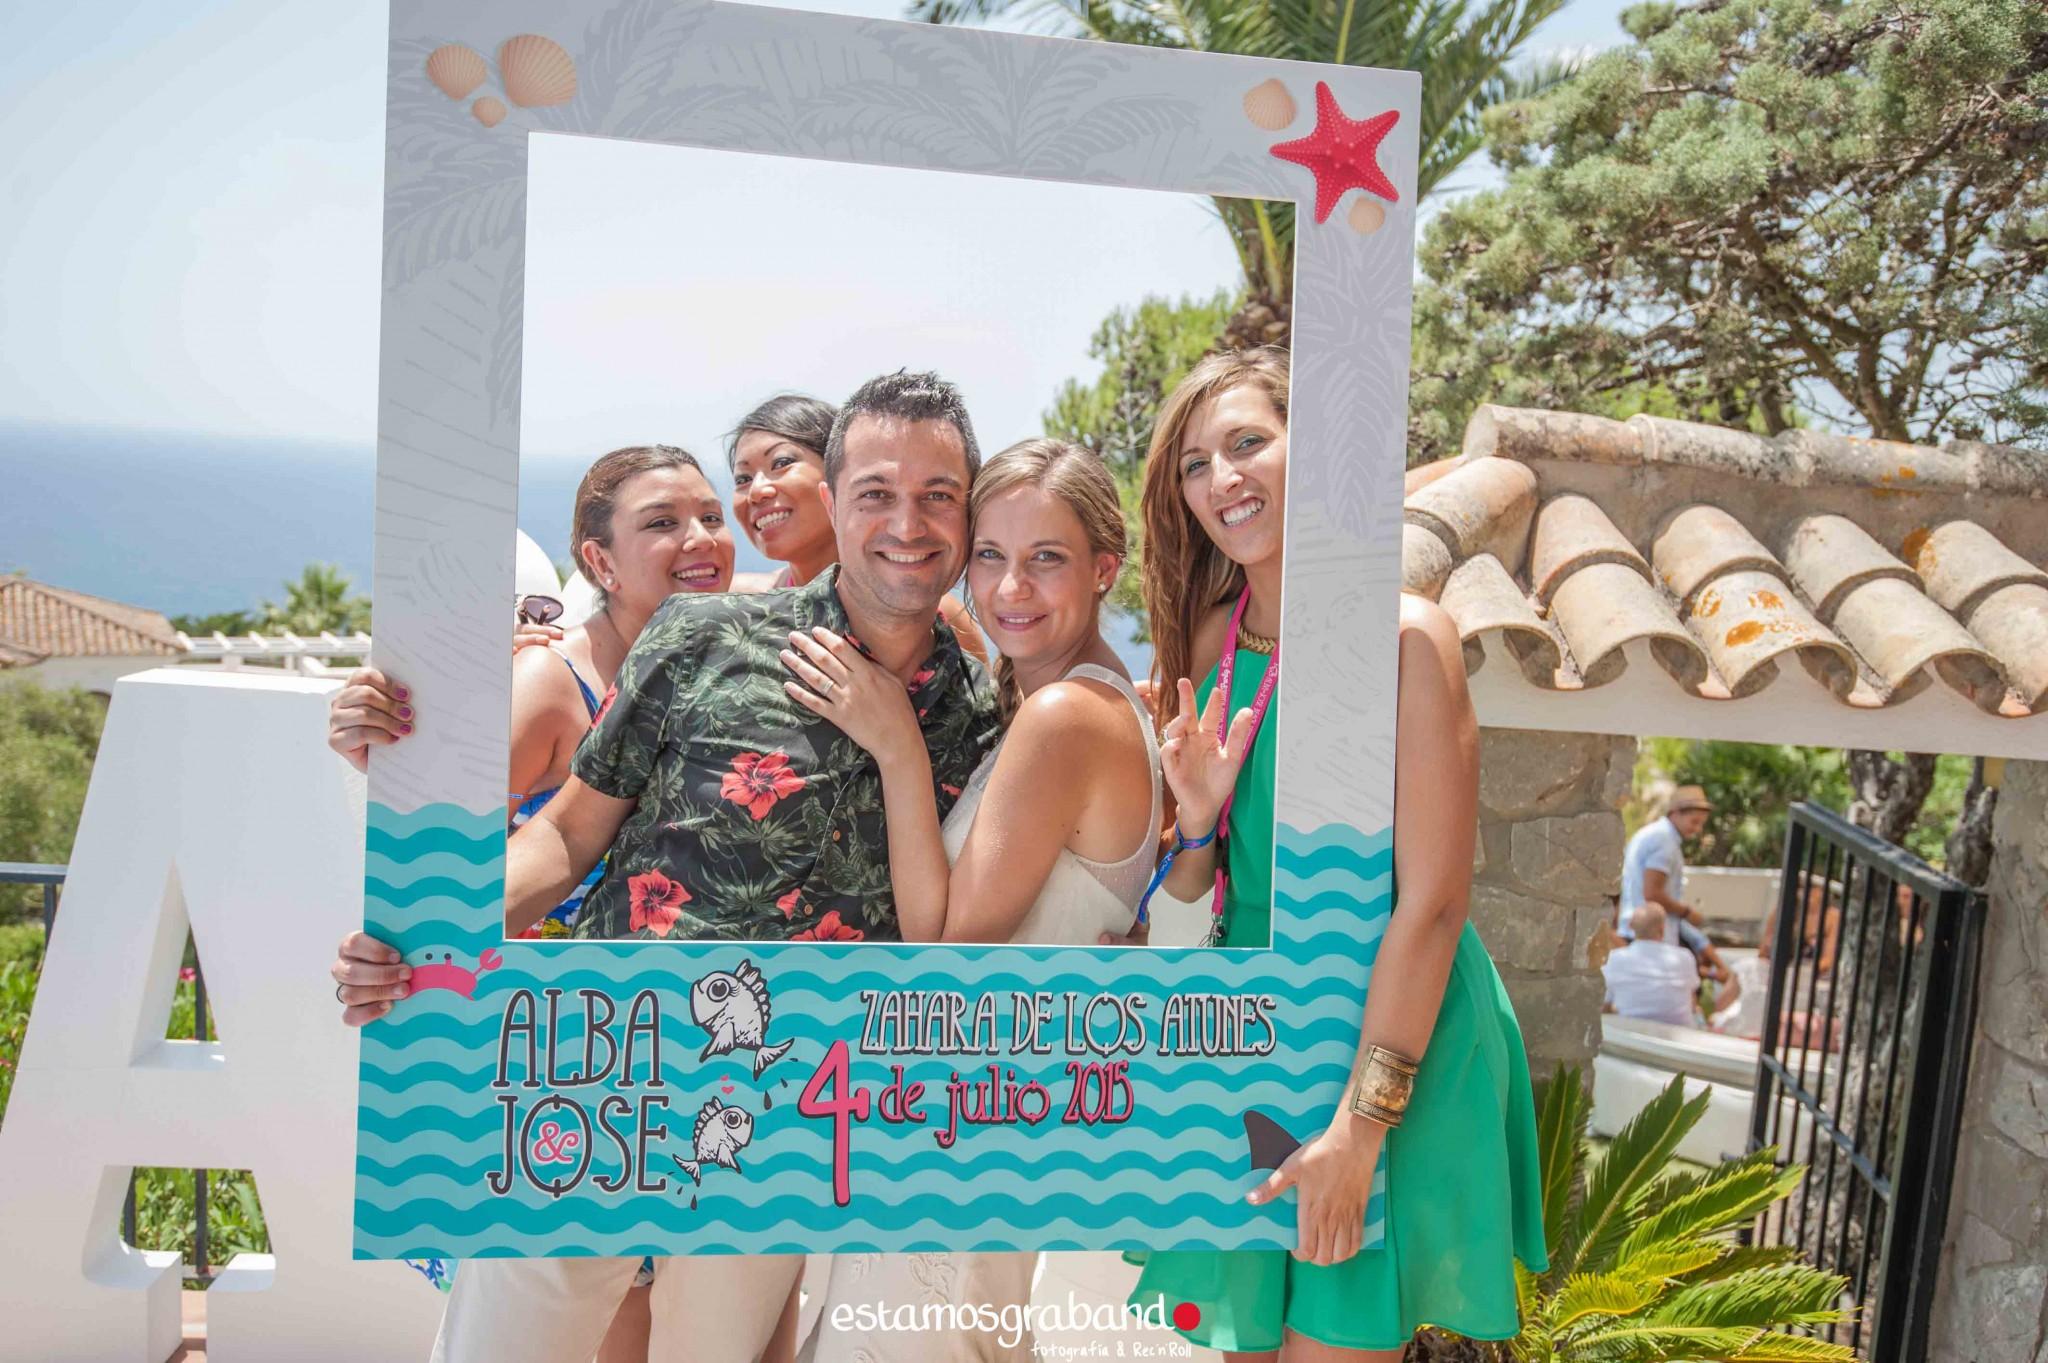 Alba-y-Jose-BTTW-11 Los invitados de Alba & Jose [Back to the wedding_Atlanterra, Zahara de los Atunes] - video boda cadiz